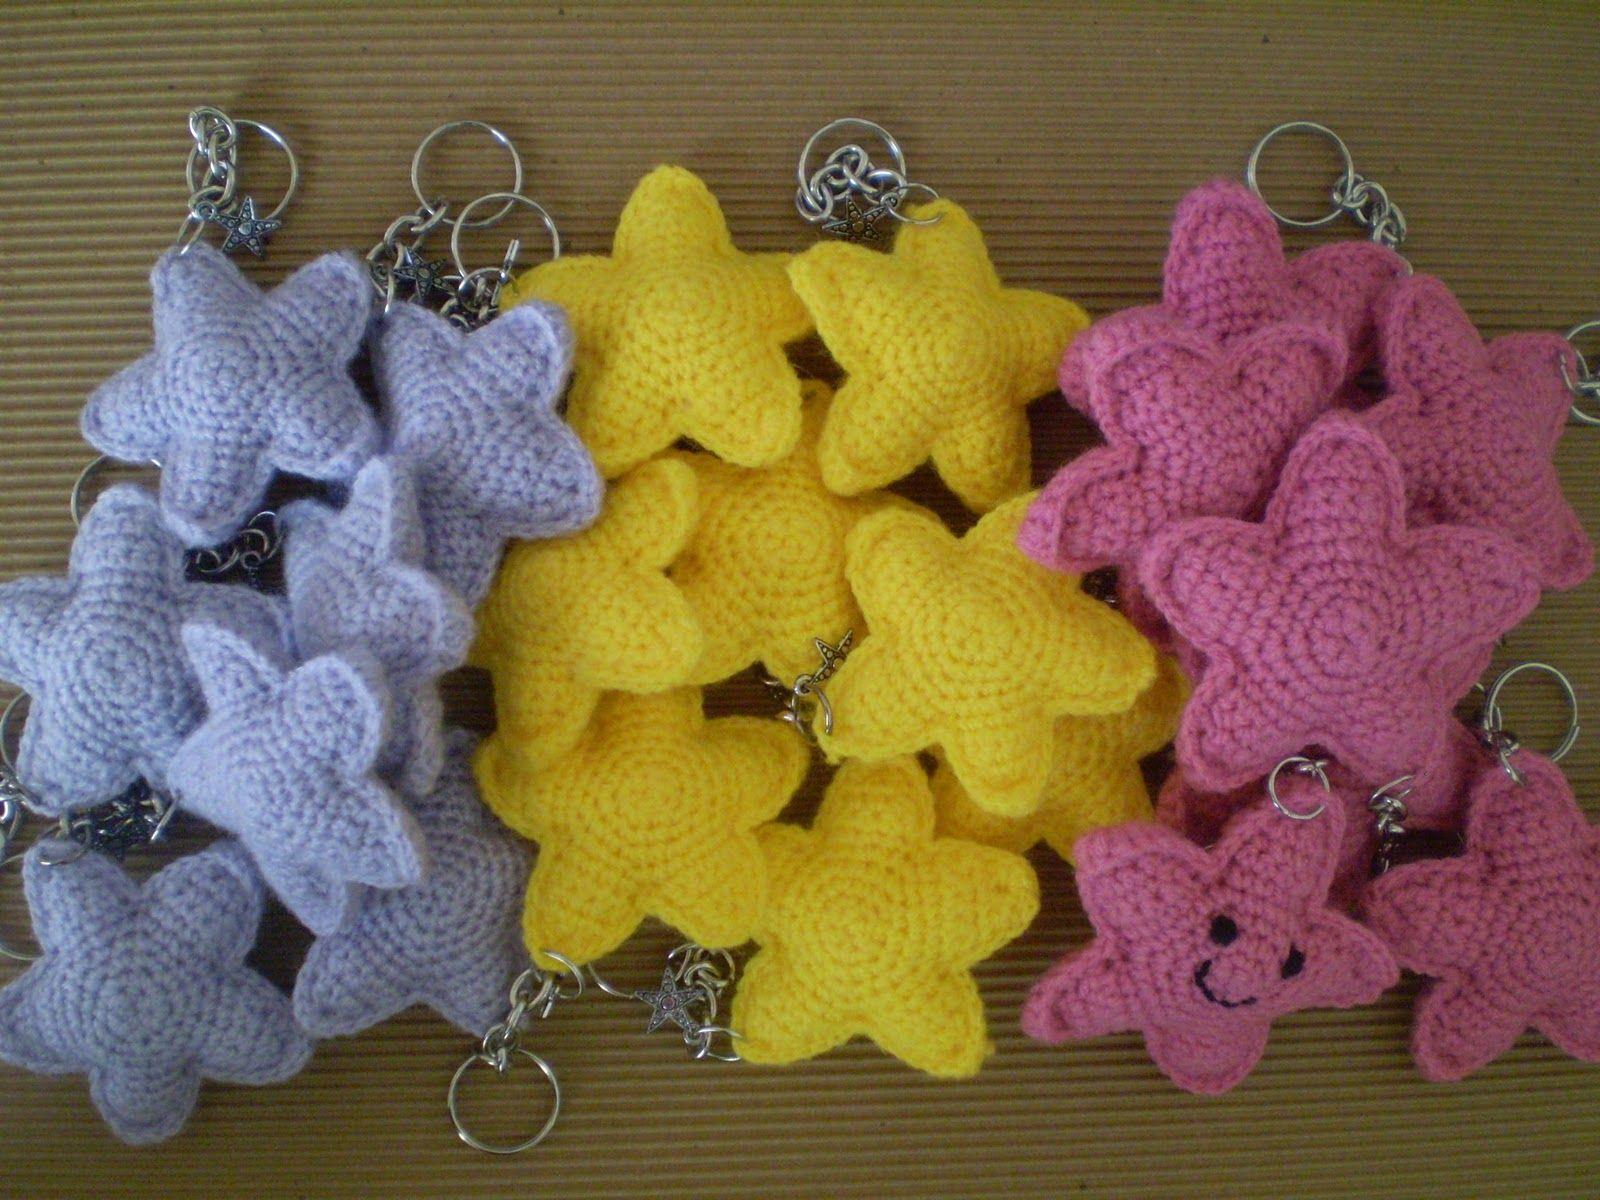 Llaveros Amigurumis Animales : Amigurumi de llaveros tejidos a crochet youtube